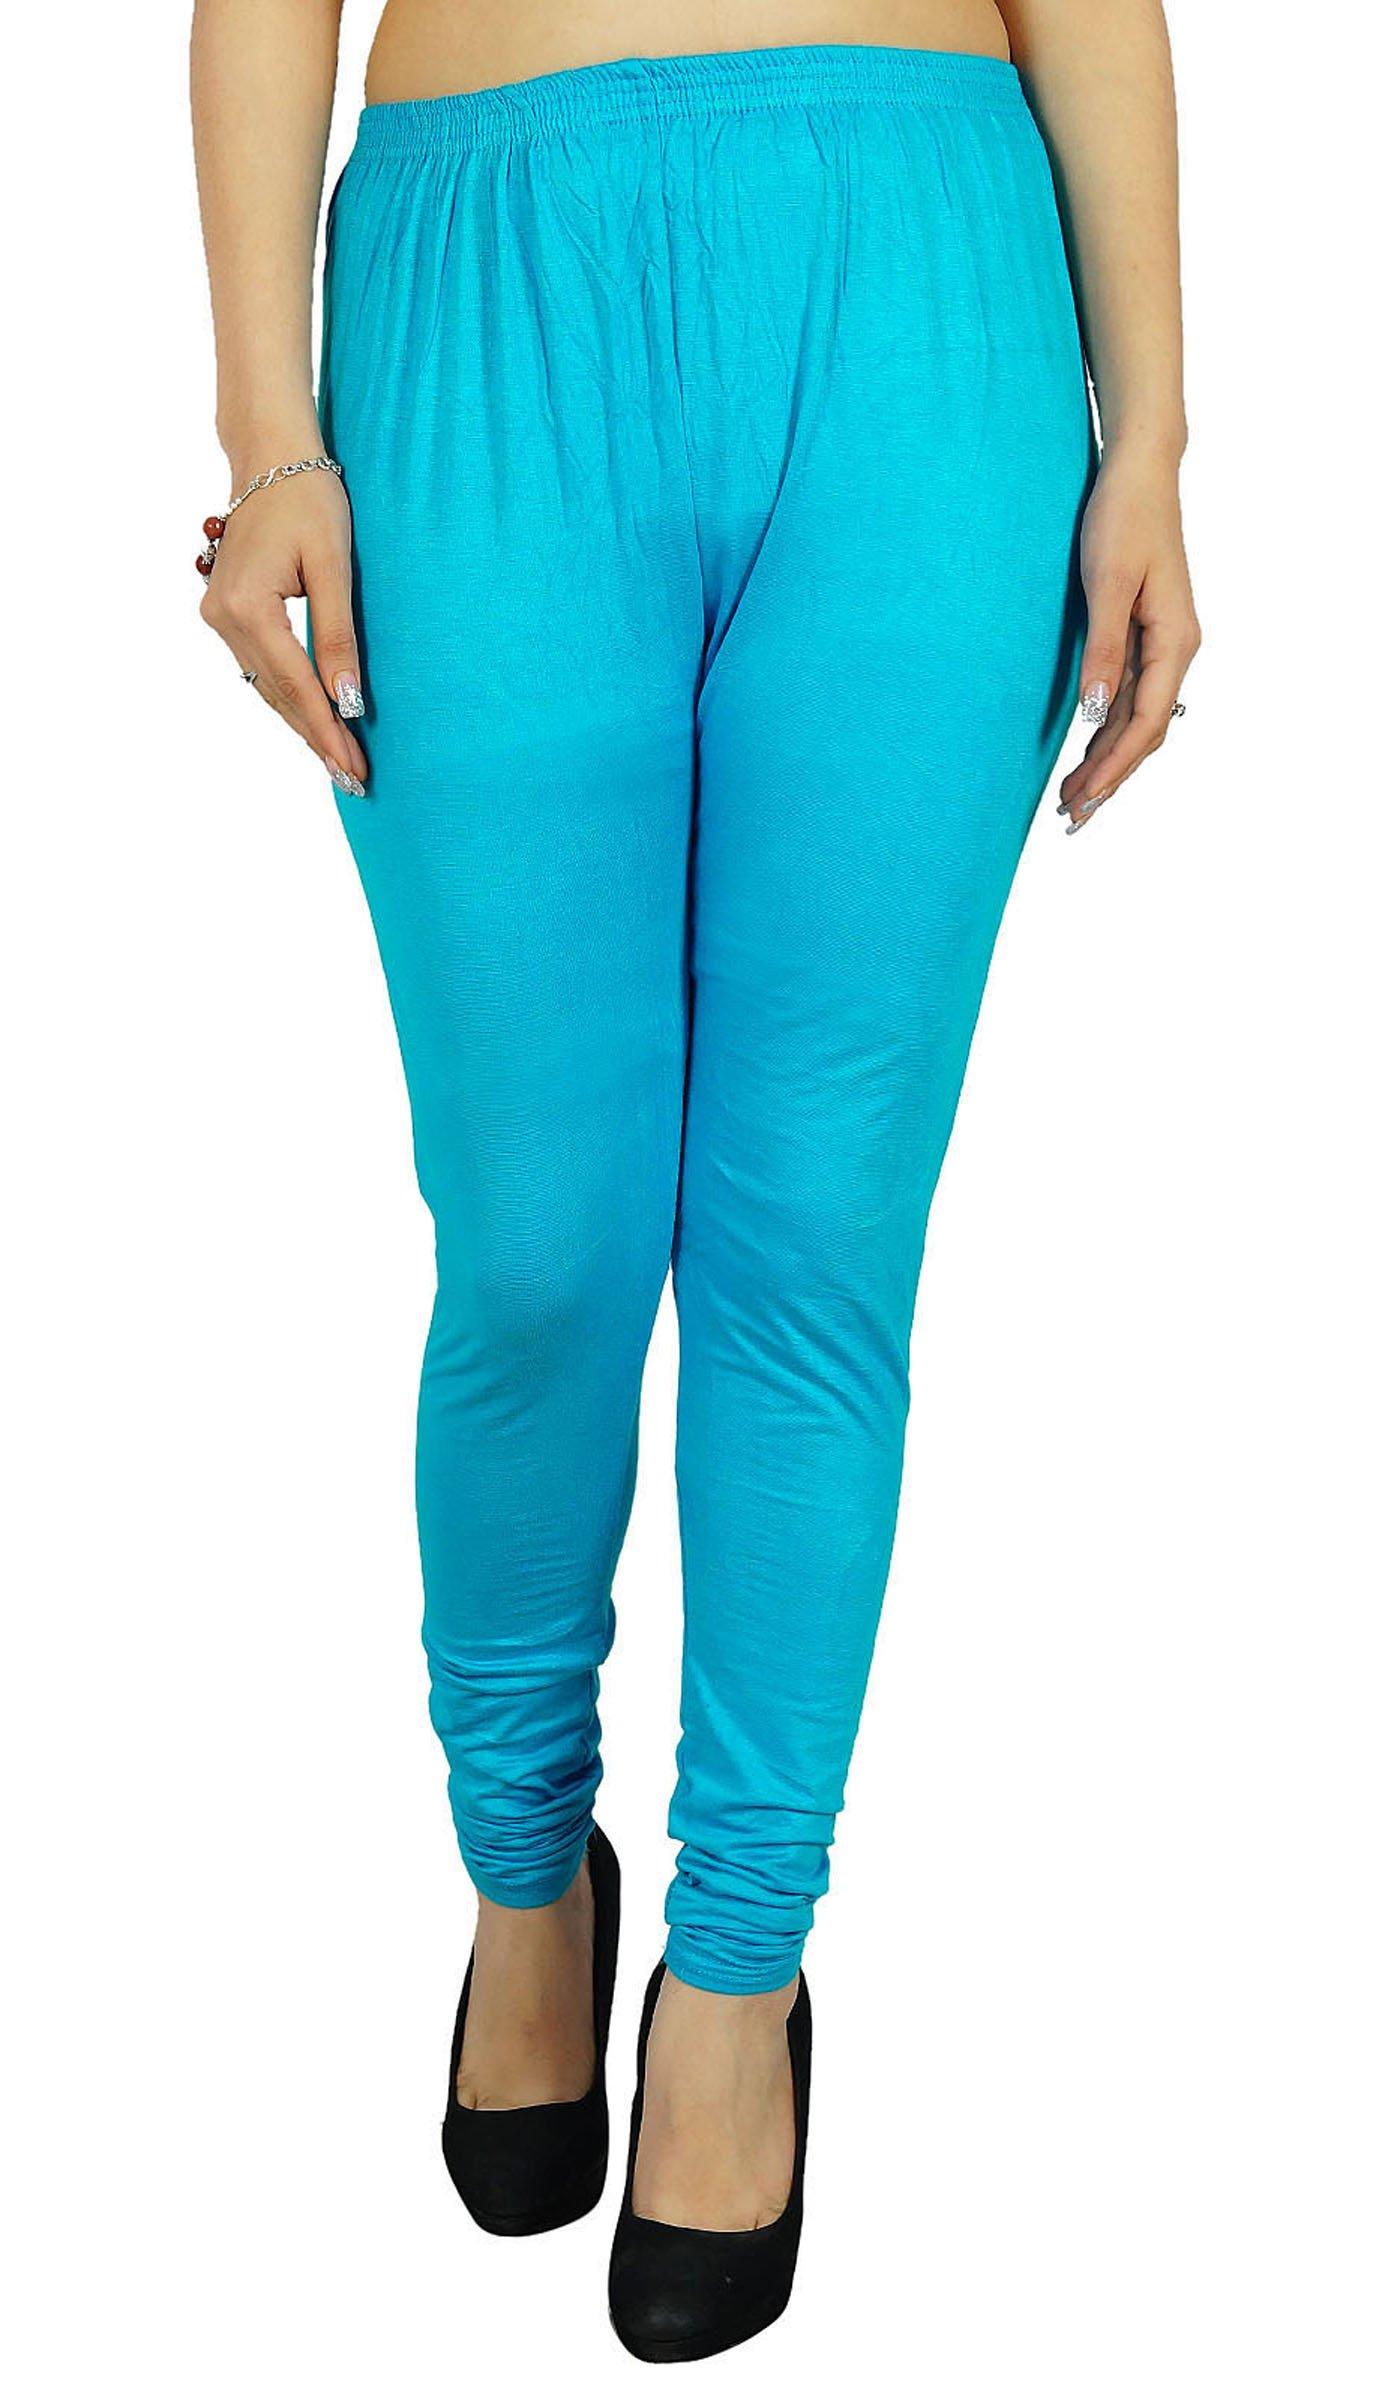 sheshe New Women Workout Yoga Leggings Cotton Lycra Leggings Skinny Elastic Waist Pants